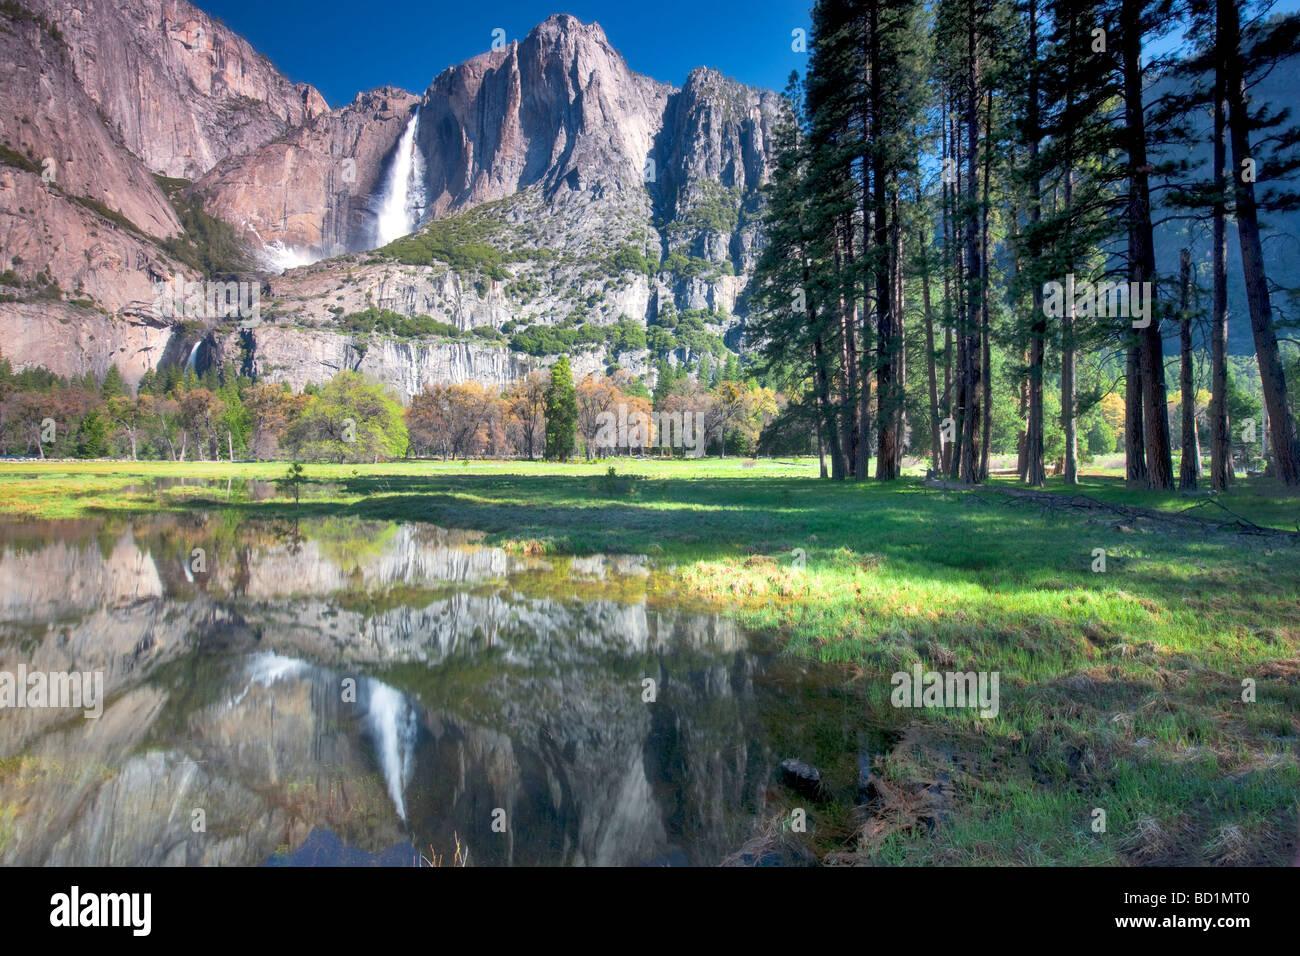 Yosemite Falls reflected in pool of water Yosemite National Park California - Stock Image